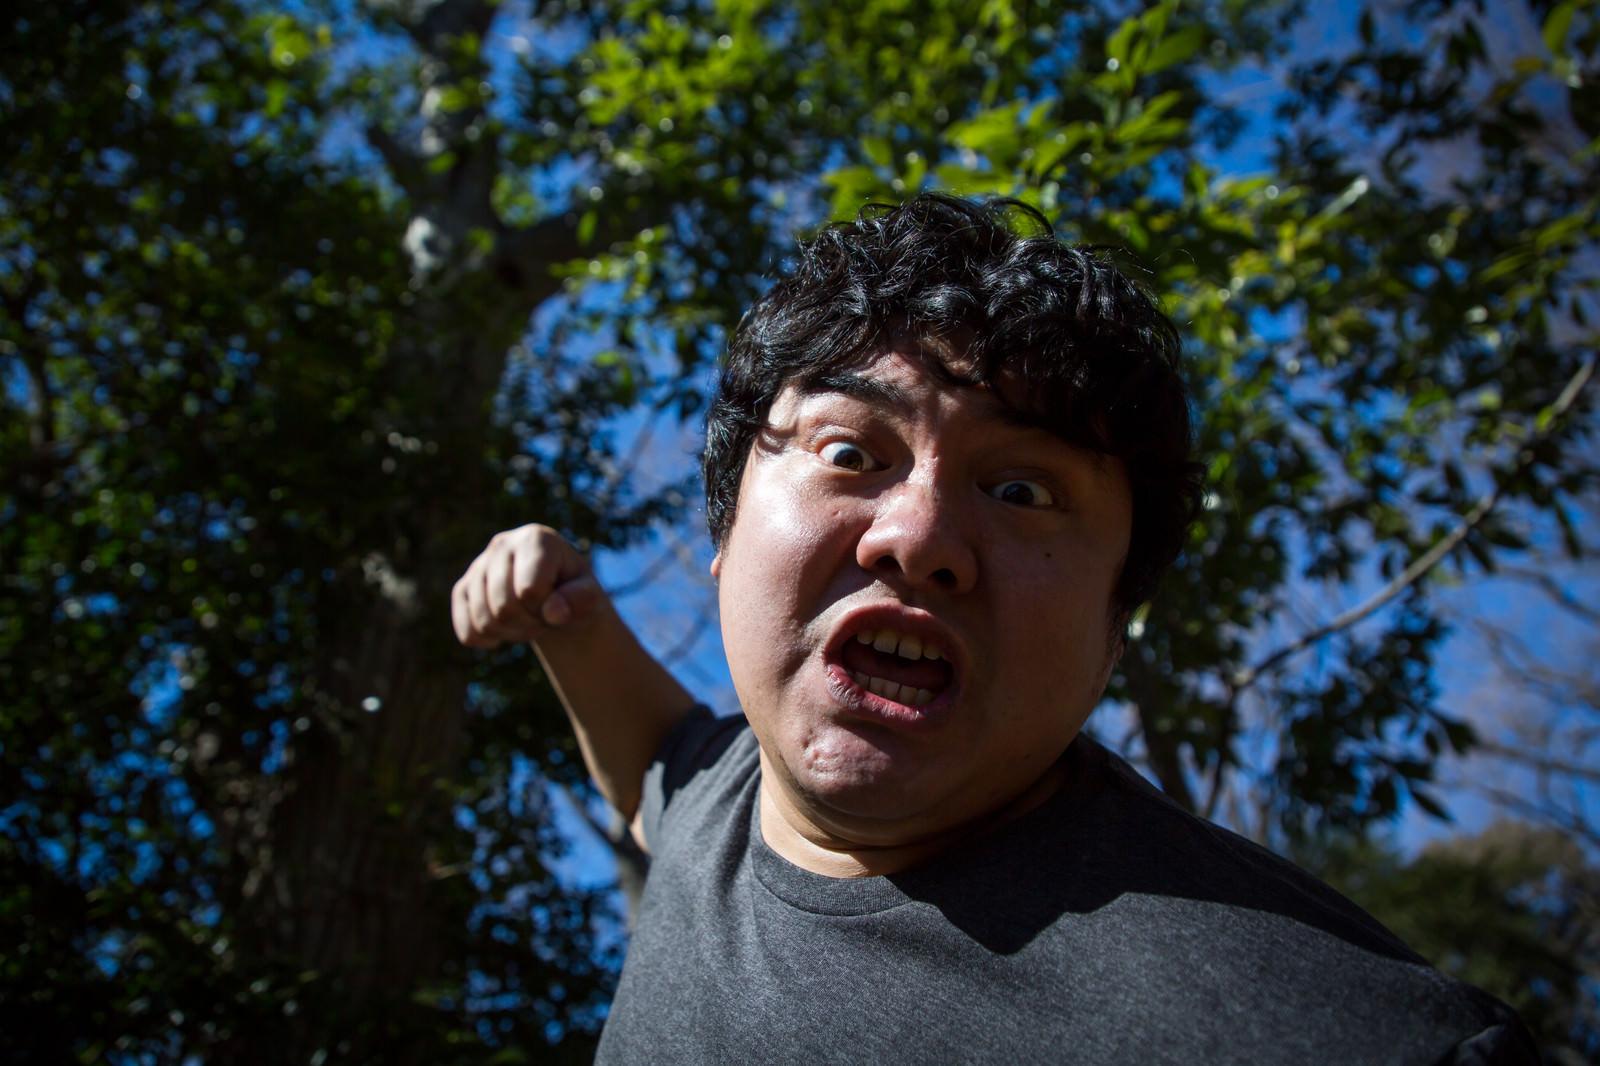 「突然、背後から殴りかかってきた新種のカビに感染している男性」の写真[モデル:段田隼人]